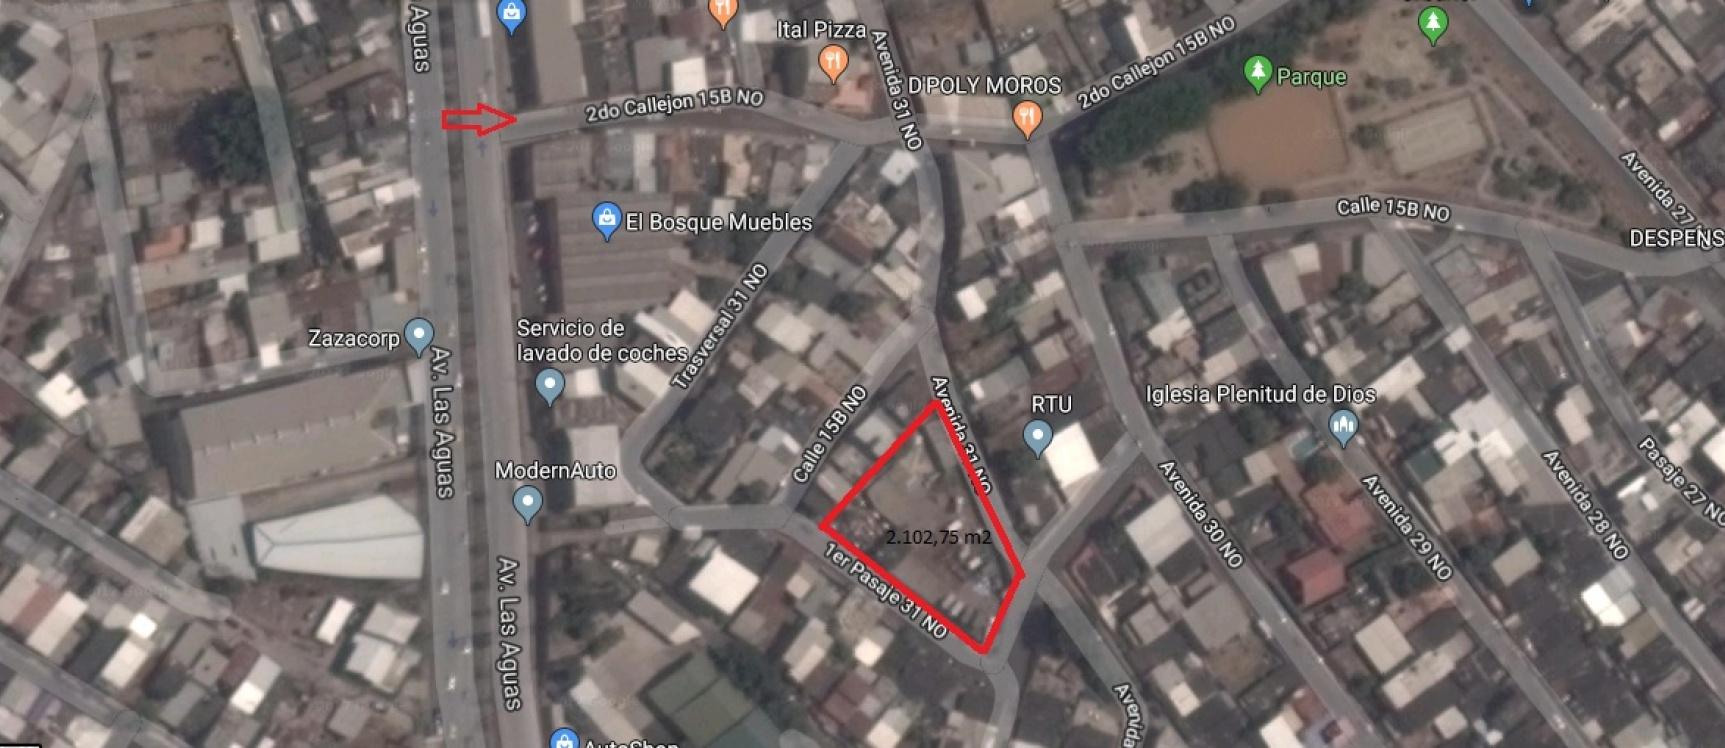 GeoBienes - Terreno en venta en Urdenor sector norte  - Plusvalia Guayaquil Casas de venta y alquiler Inmobiliaria Ecuador